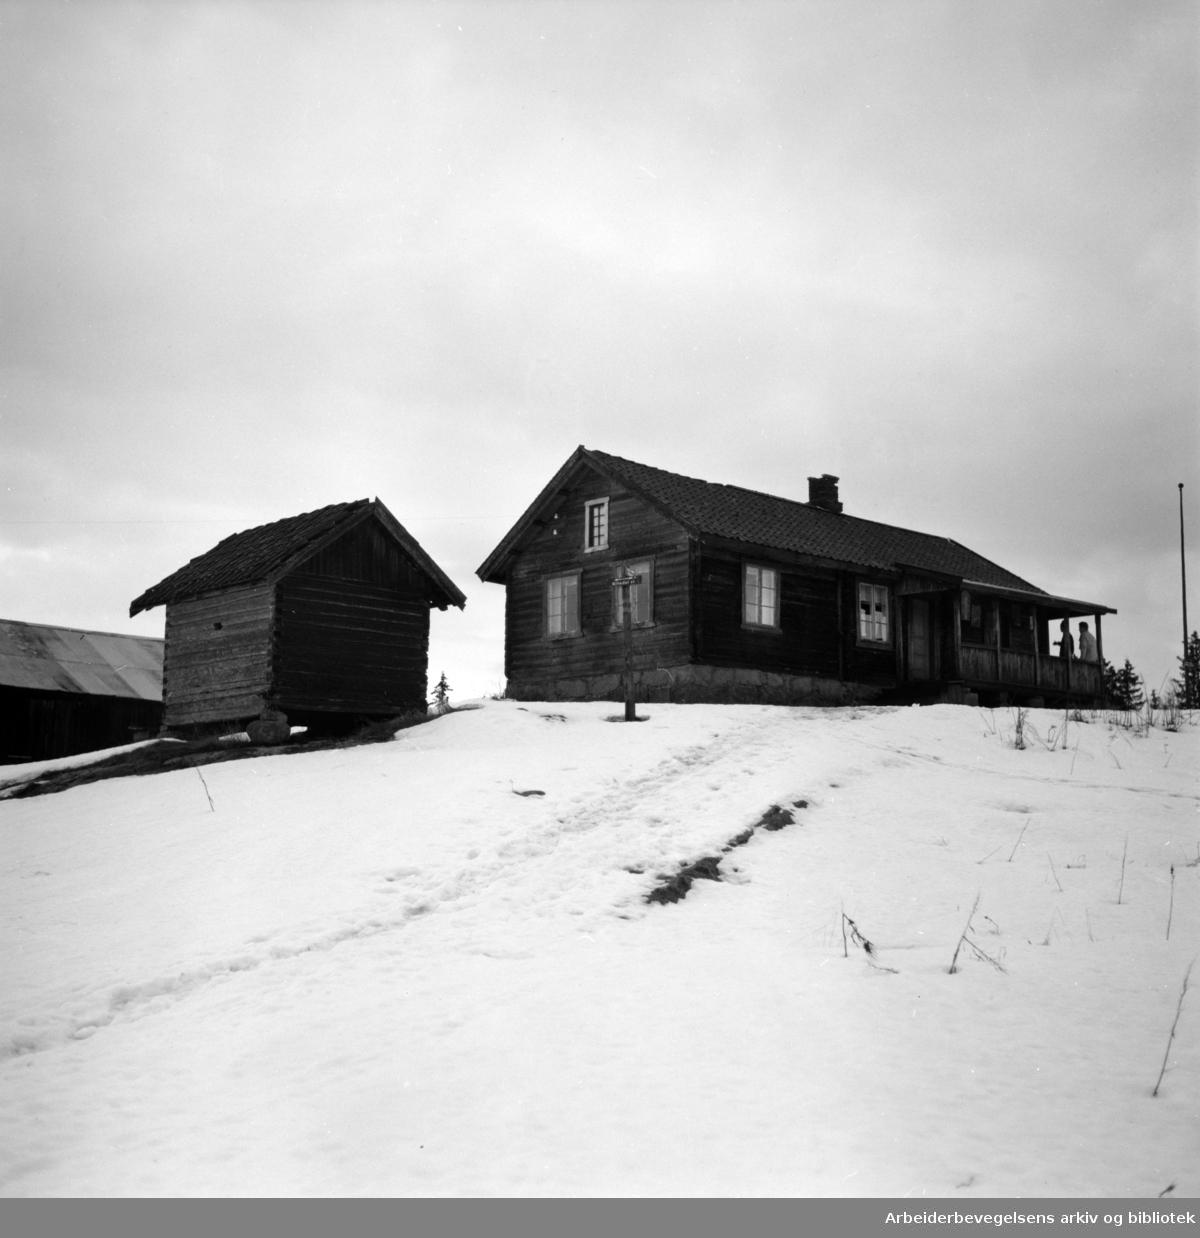 Nordmarka: Sinober i Lillomarka, turisthytte og serveringssted. Desember 1954